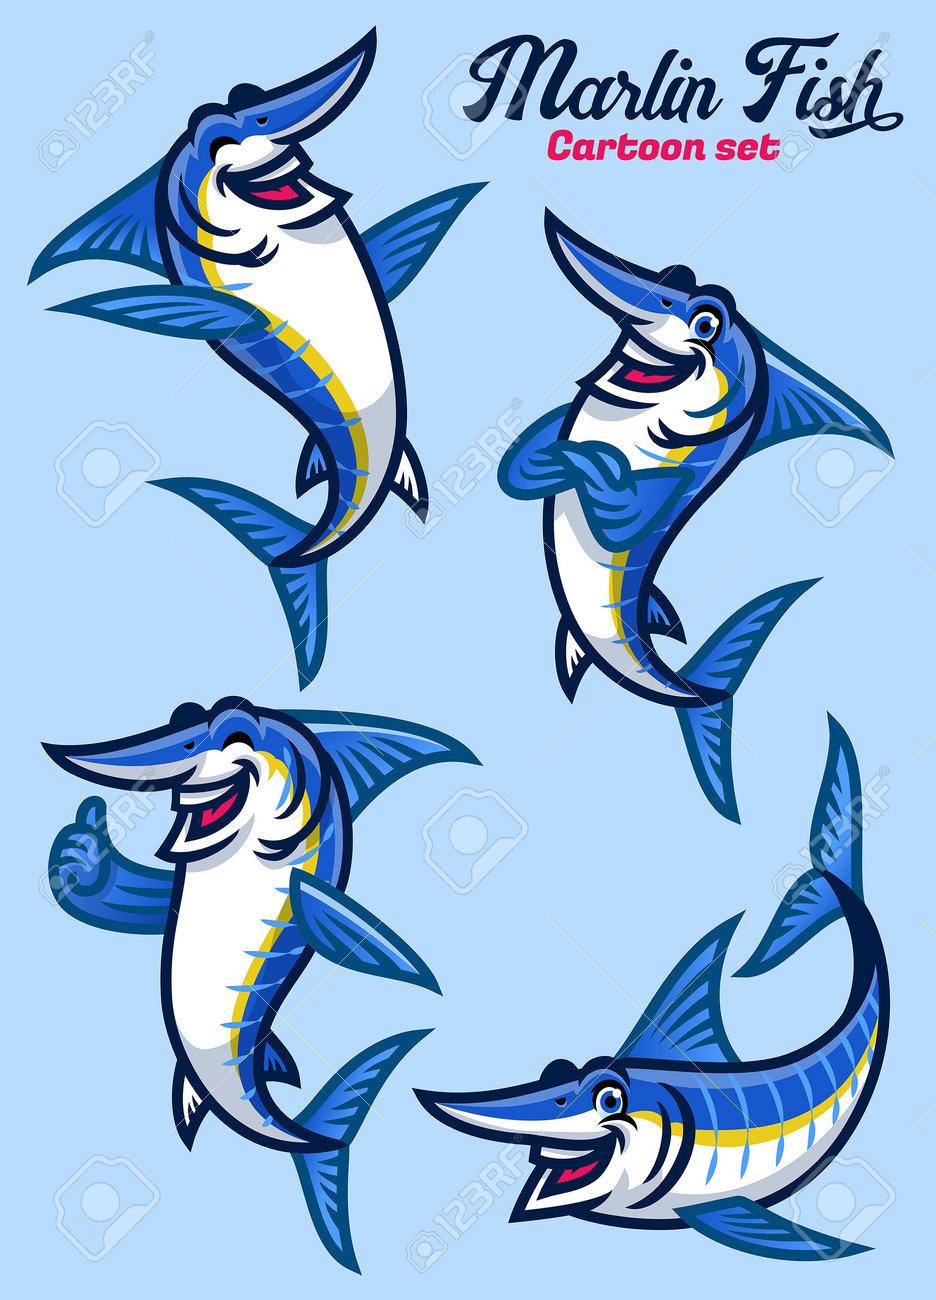 set of cartoon character of marlin fish - 168290945